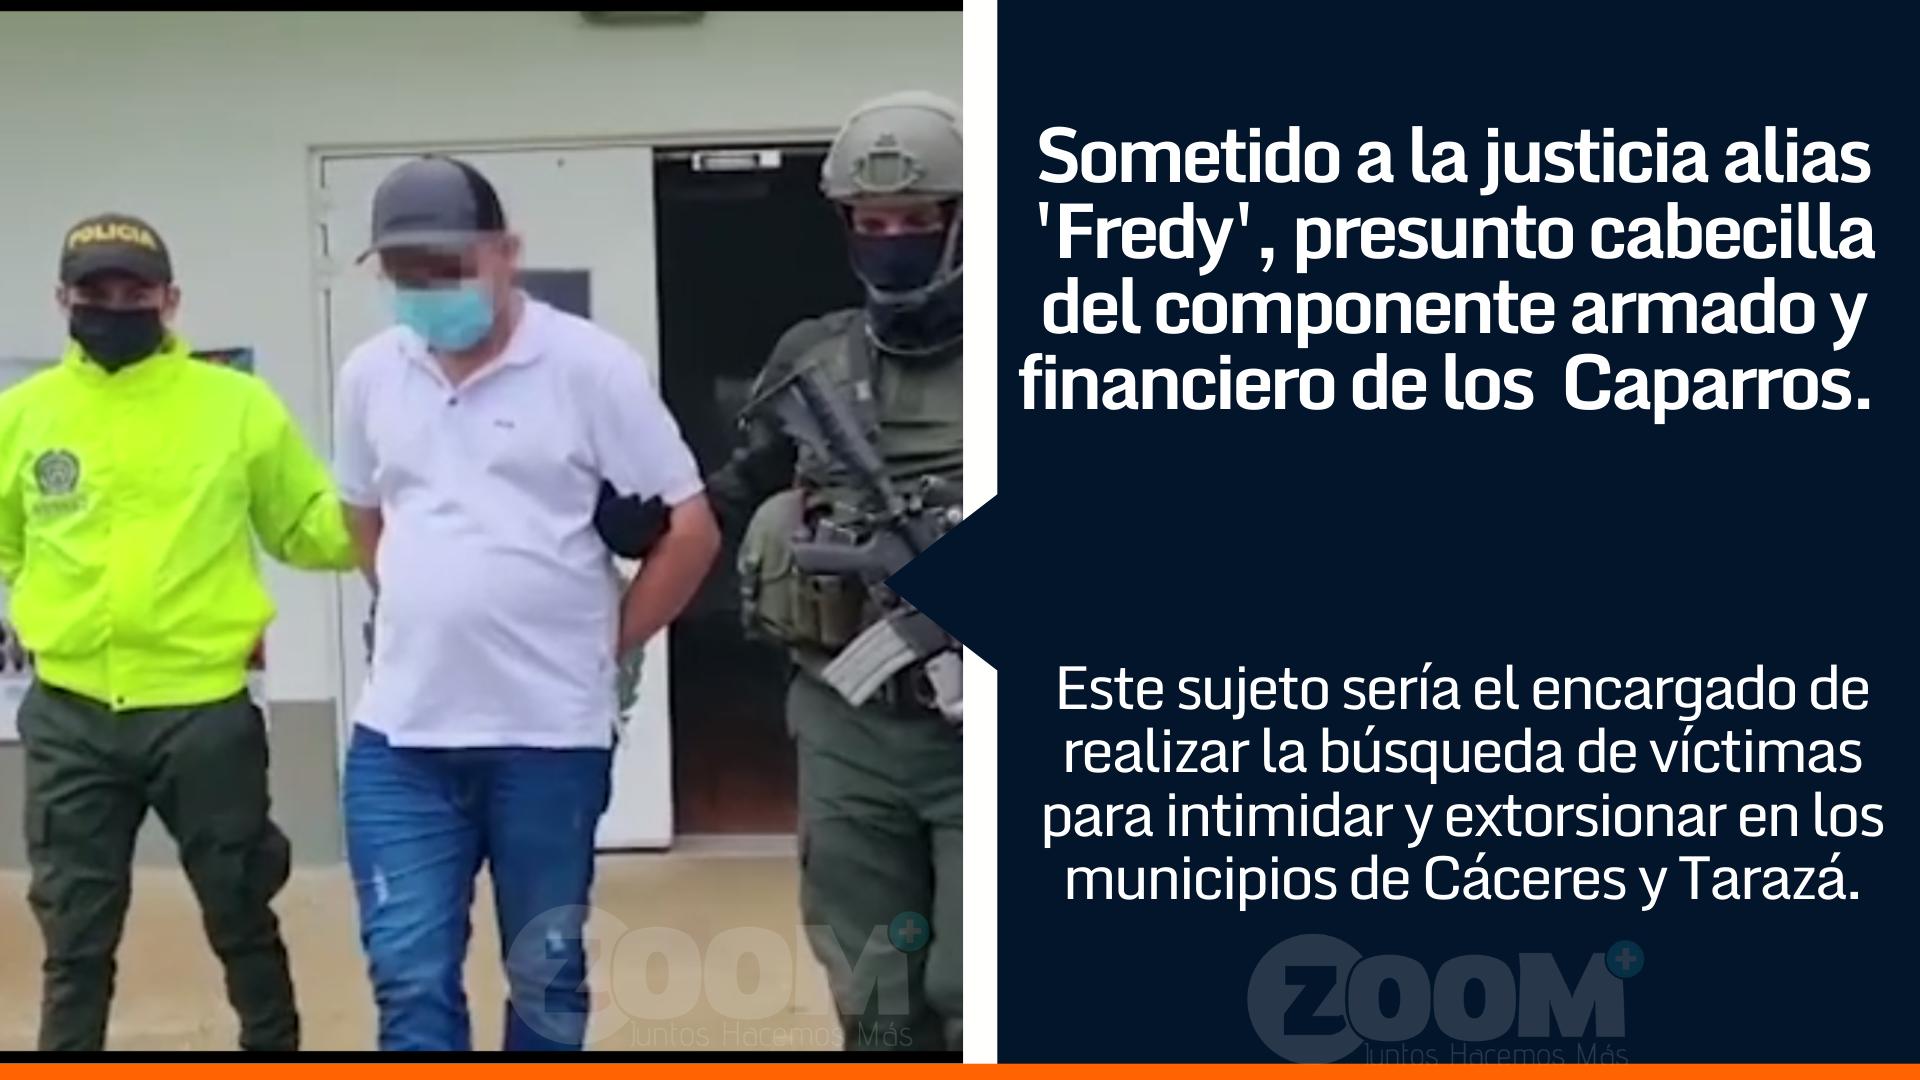 Sometido a la justicia alias Fredy, presunto cabecilla del componente armado y financiero del GAO Caparros.